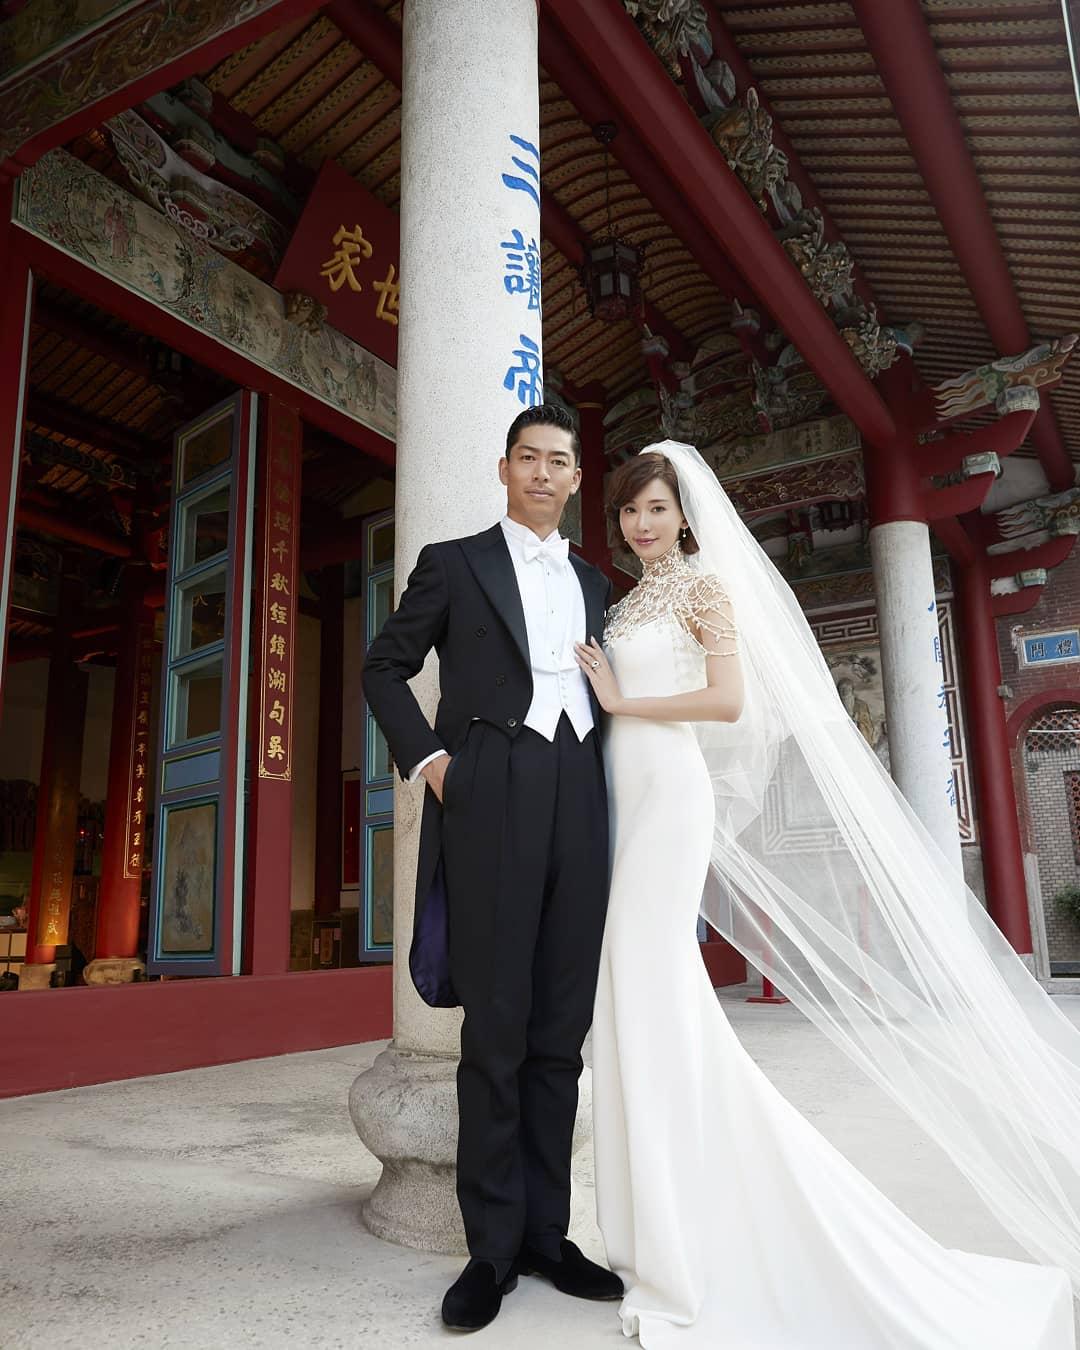 林志玲曝「點頭AKIRA」的關鍵瞬間 半夜通電的「一句話」讓她認定對方!